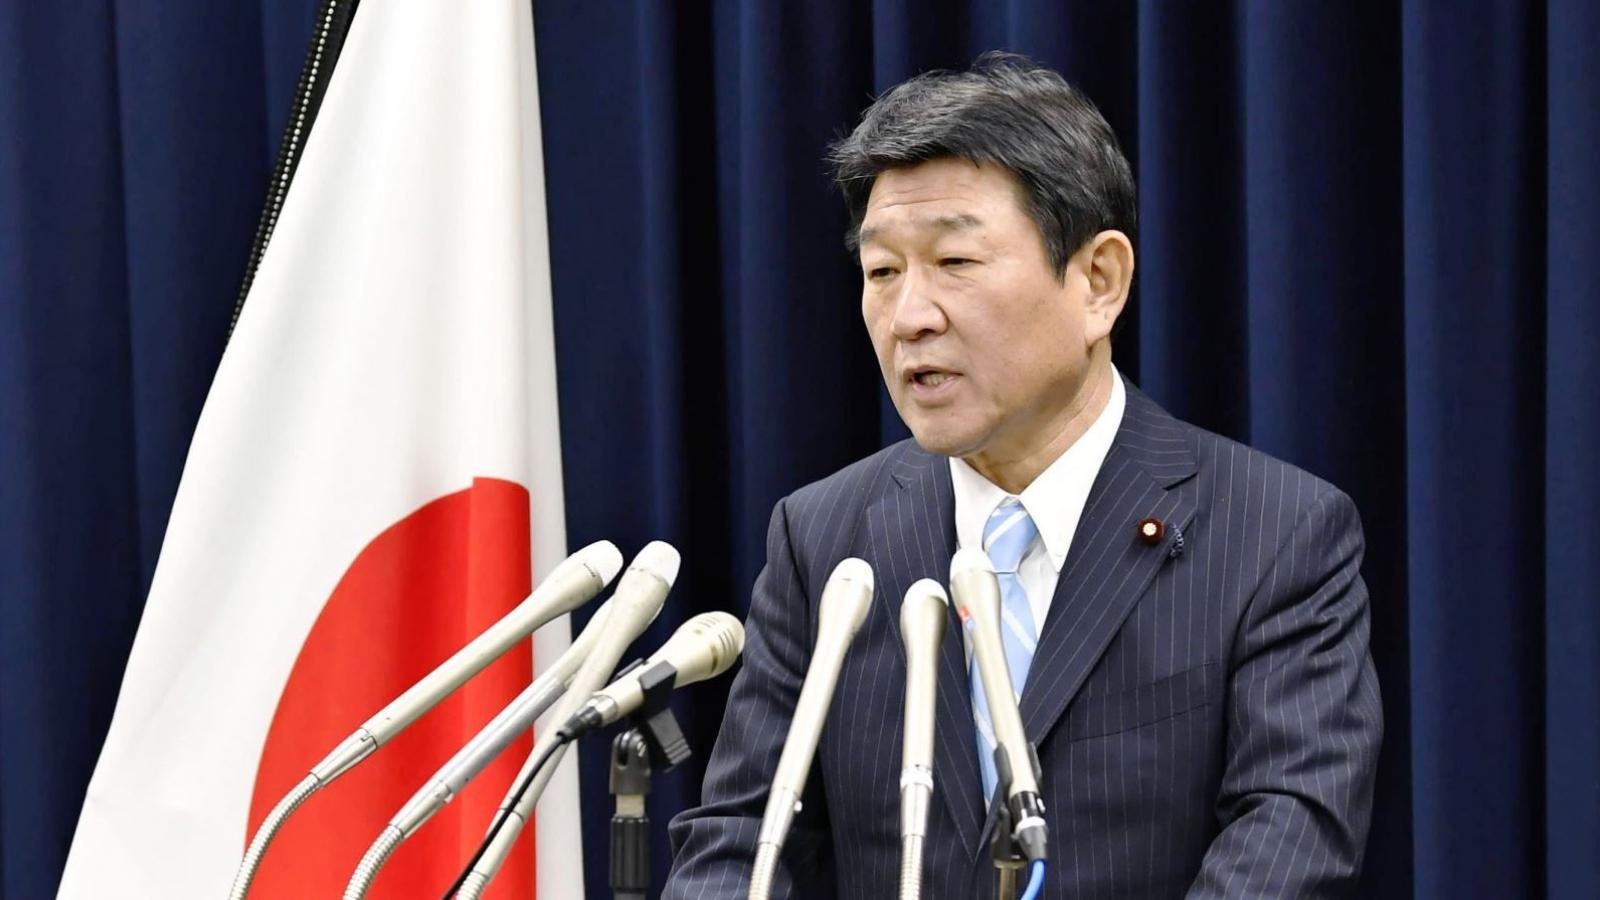 Nhật Bản cảnh báo đóng băng tất cả các khoản viện trợ cho Myanmar